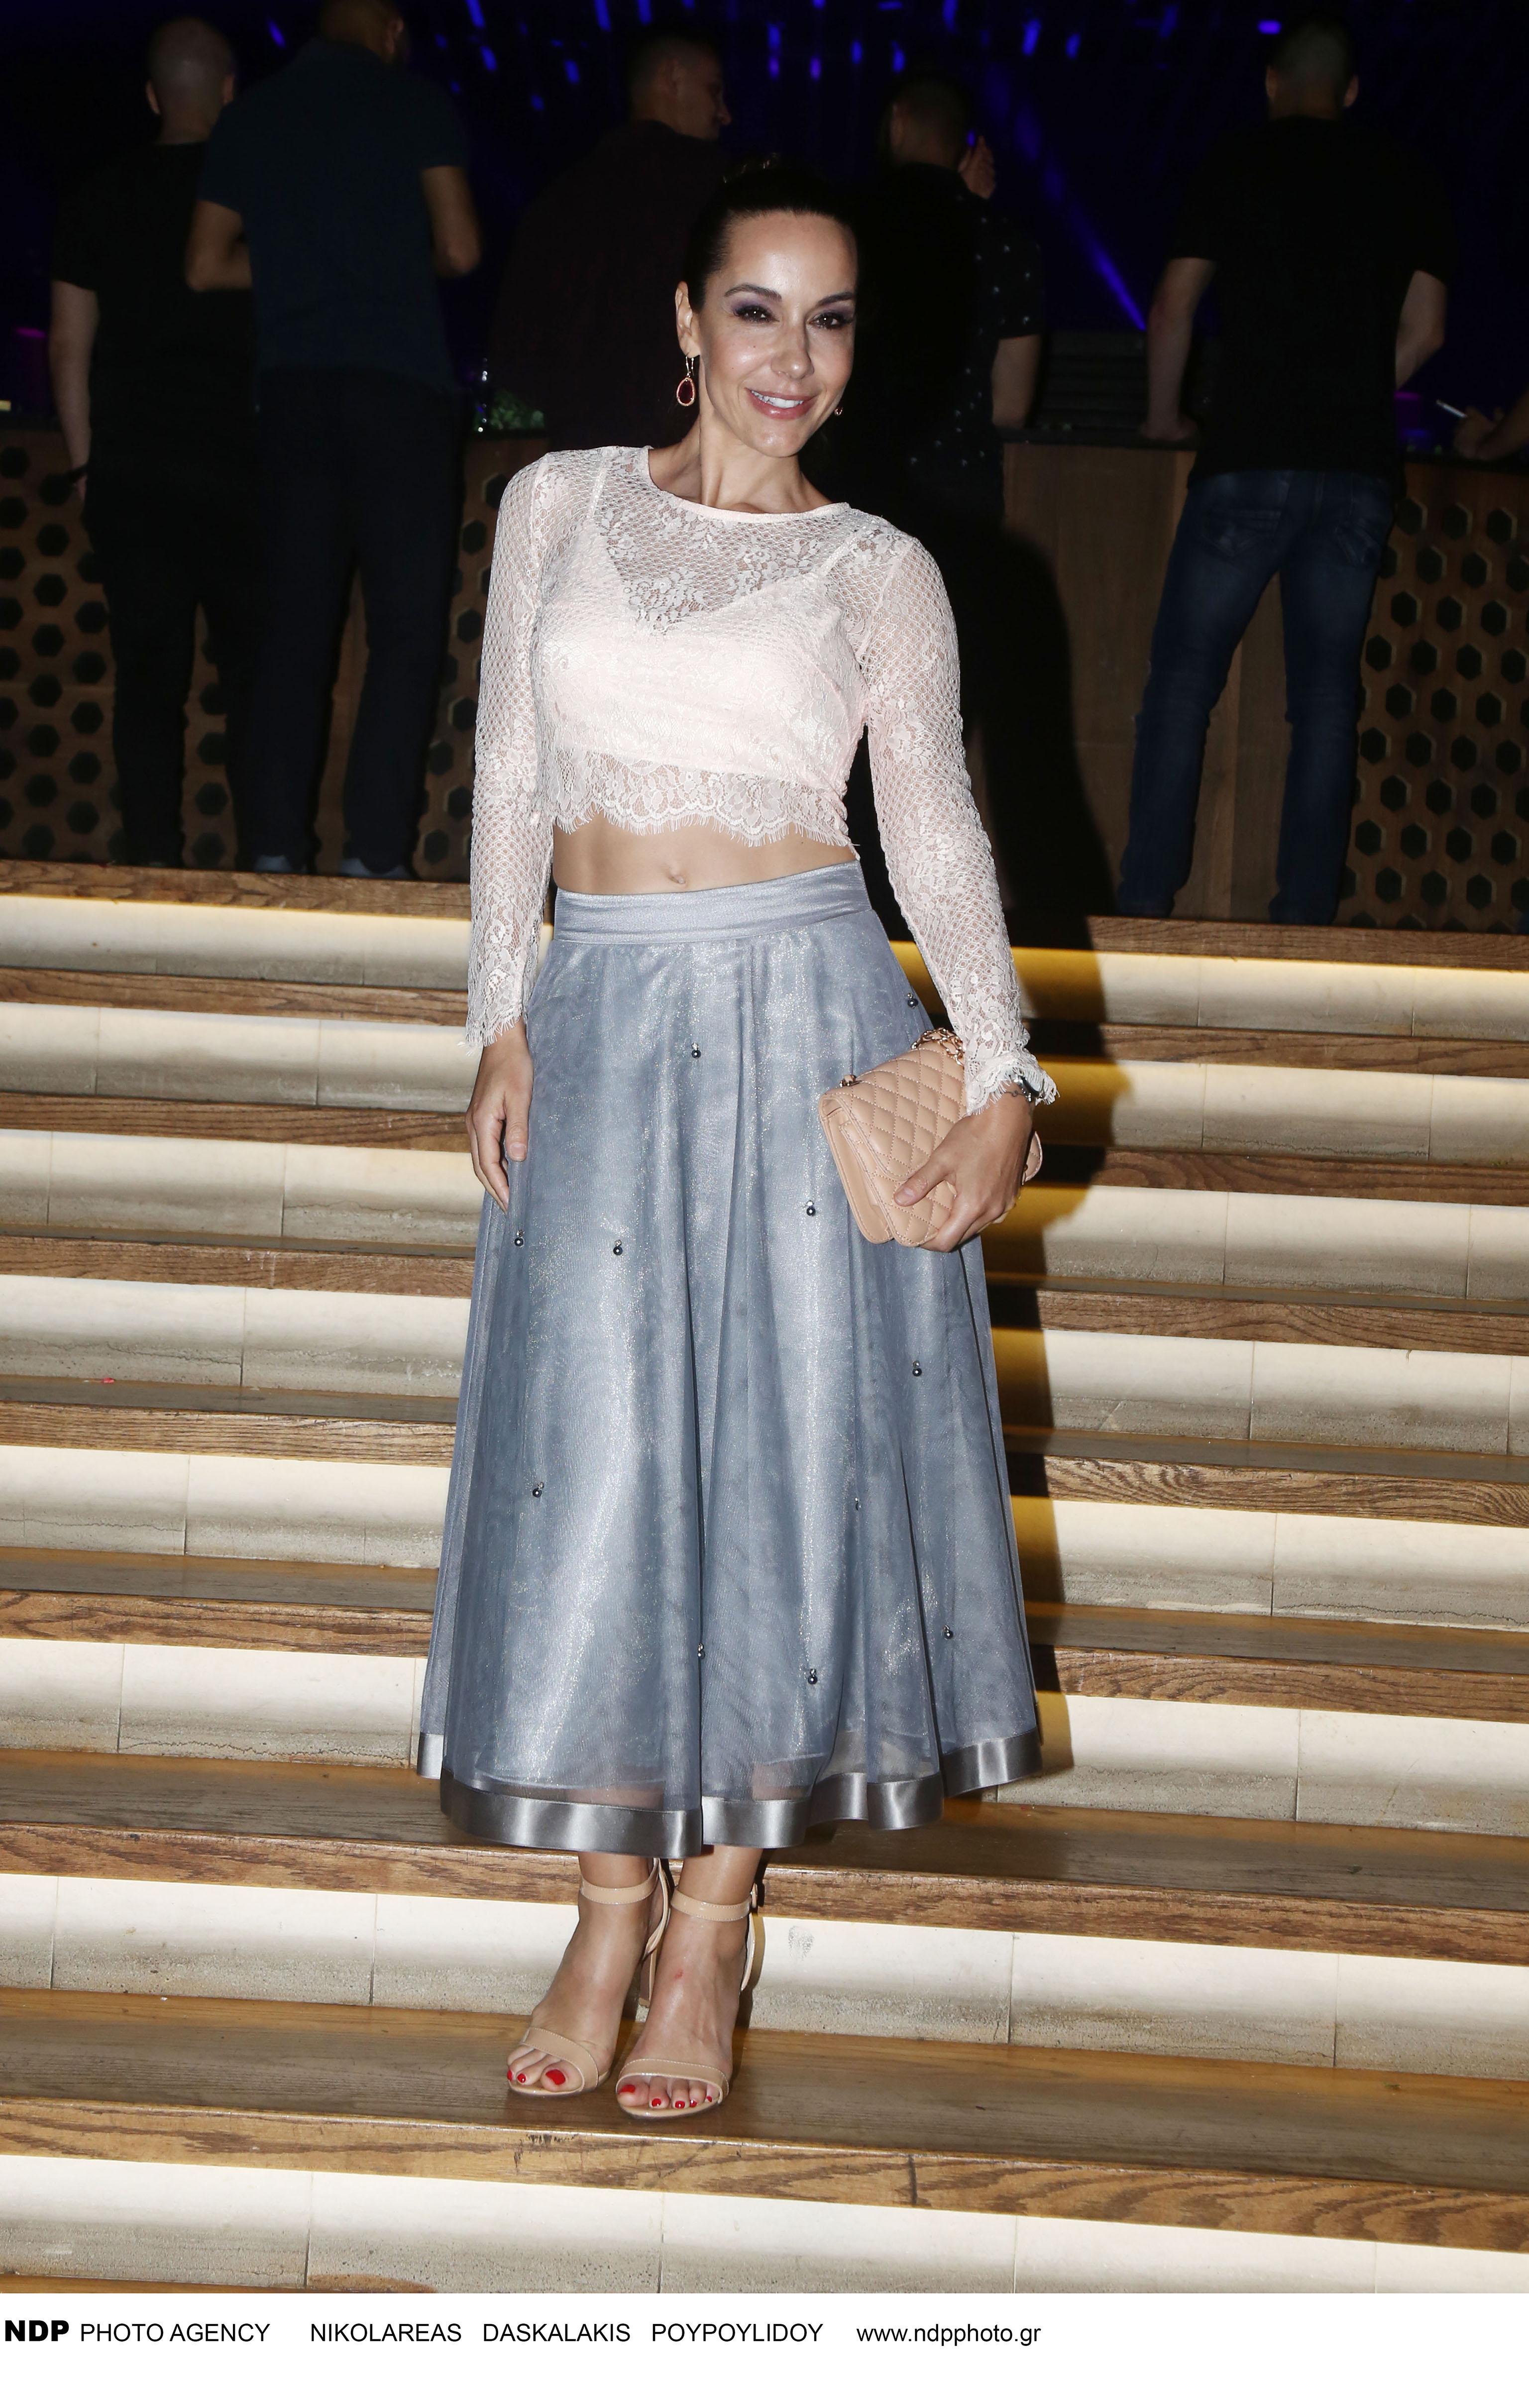 Η Μαρίνα Λαμπροπούλου σε βραδινή έξοδό της